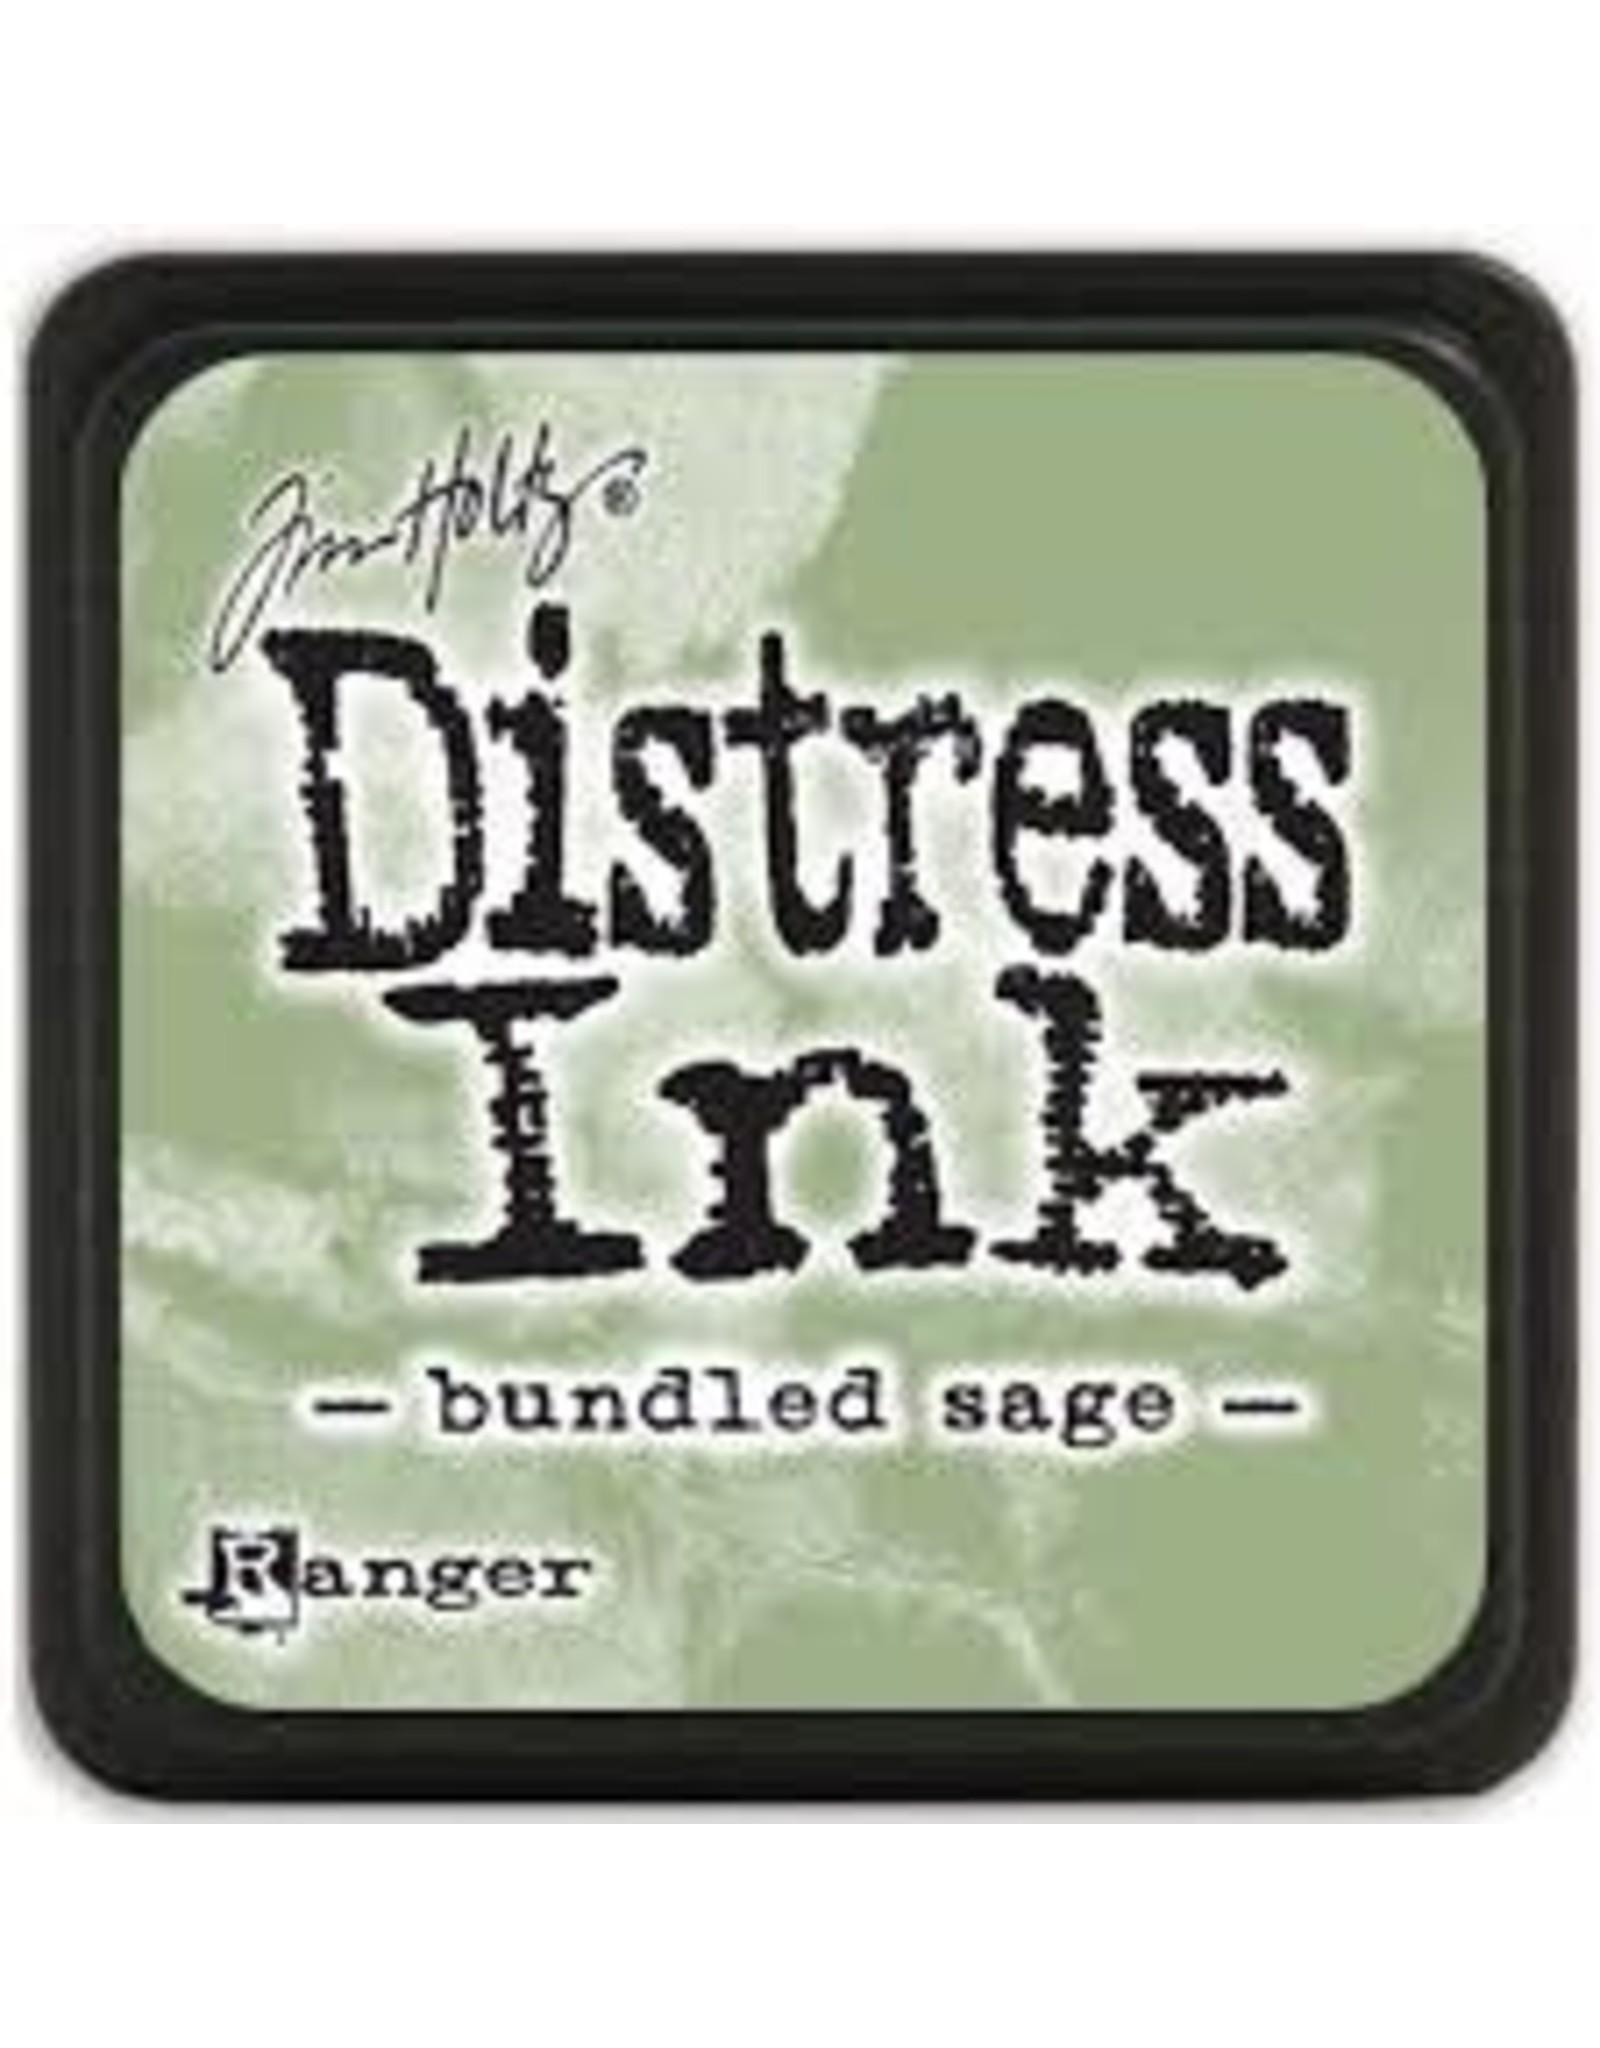 Ranger Distress Ink Pad - Bundled Sage